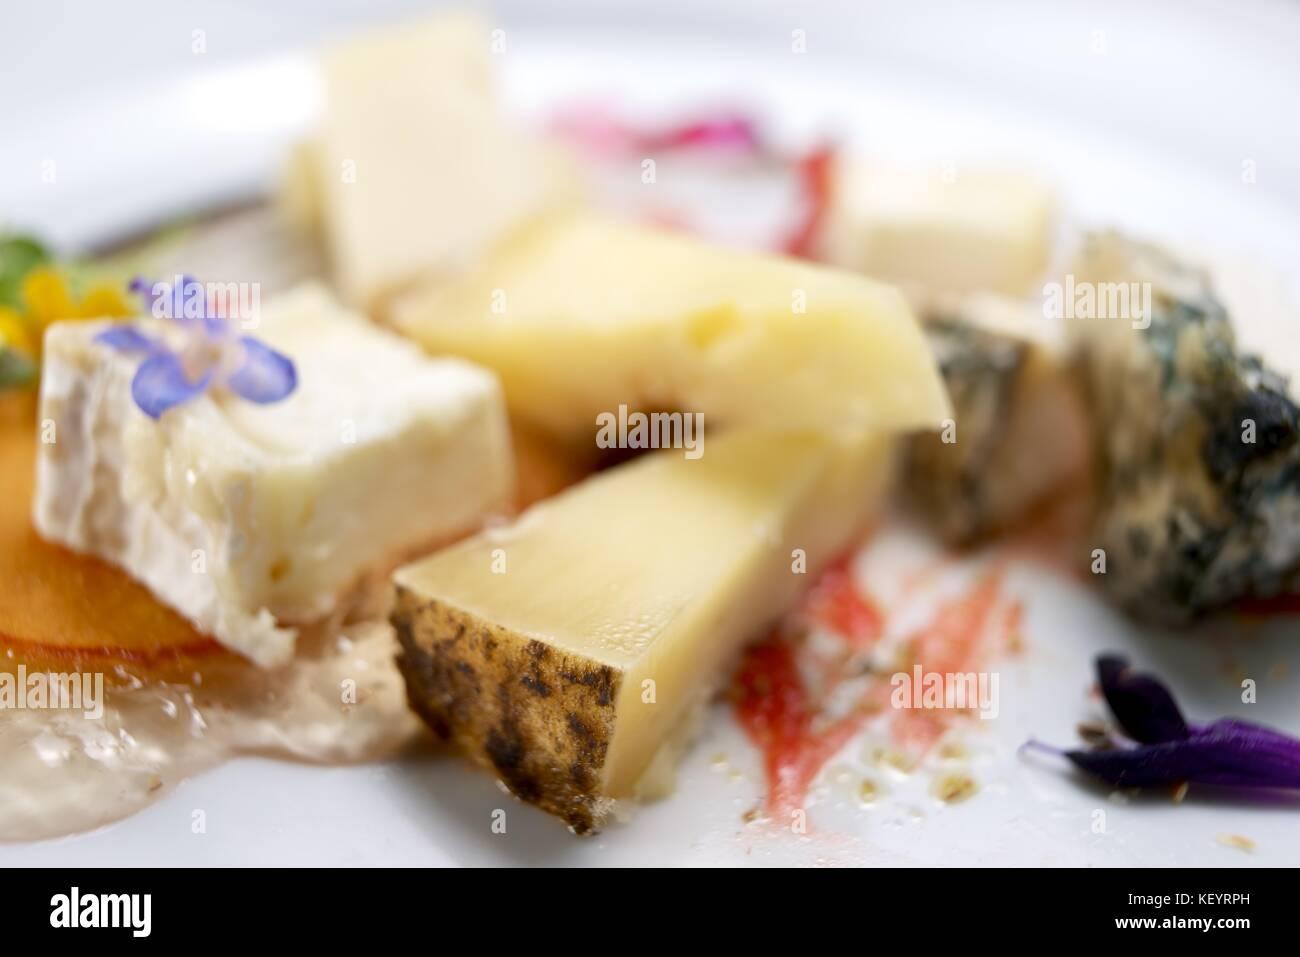 Viele verschiedene Käse auf einem weißen Tisch. Stockbild